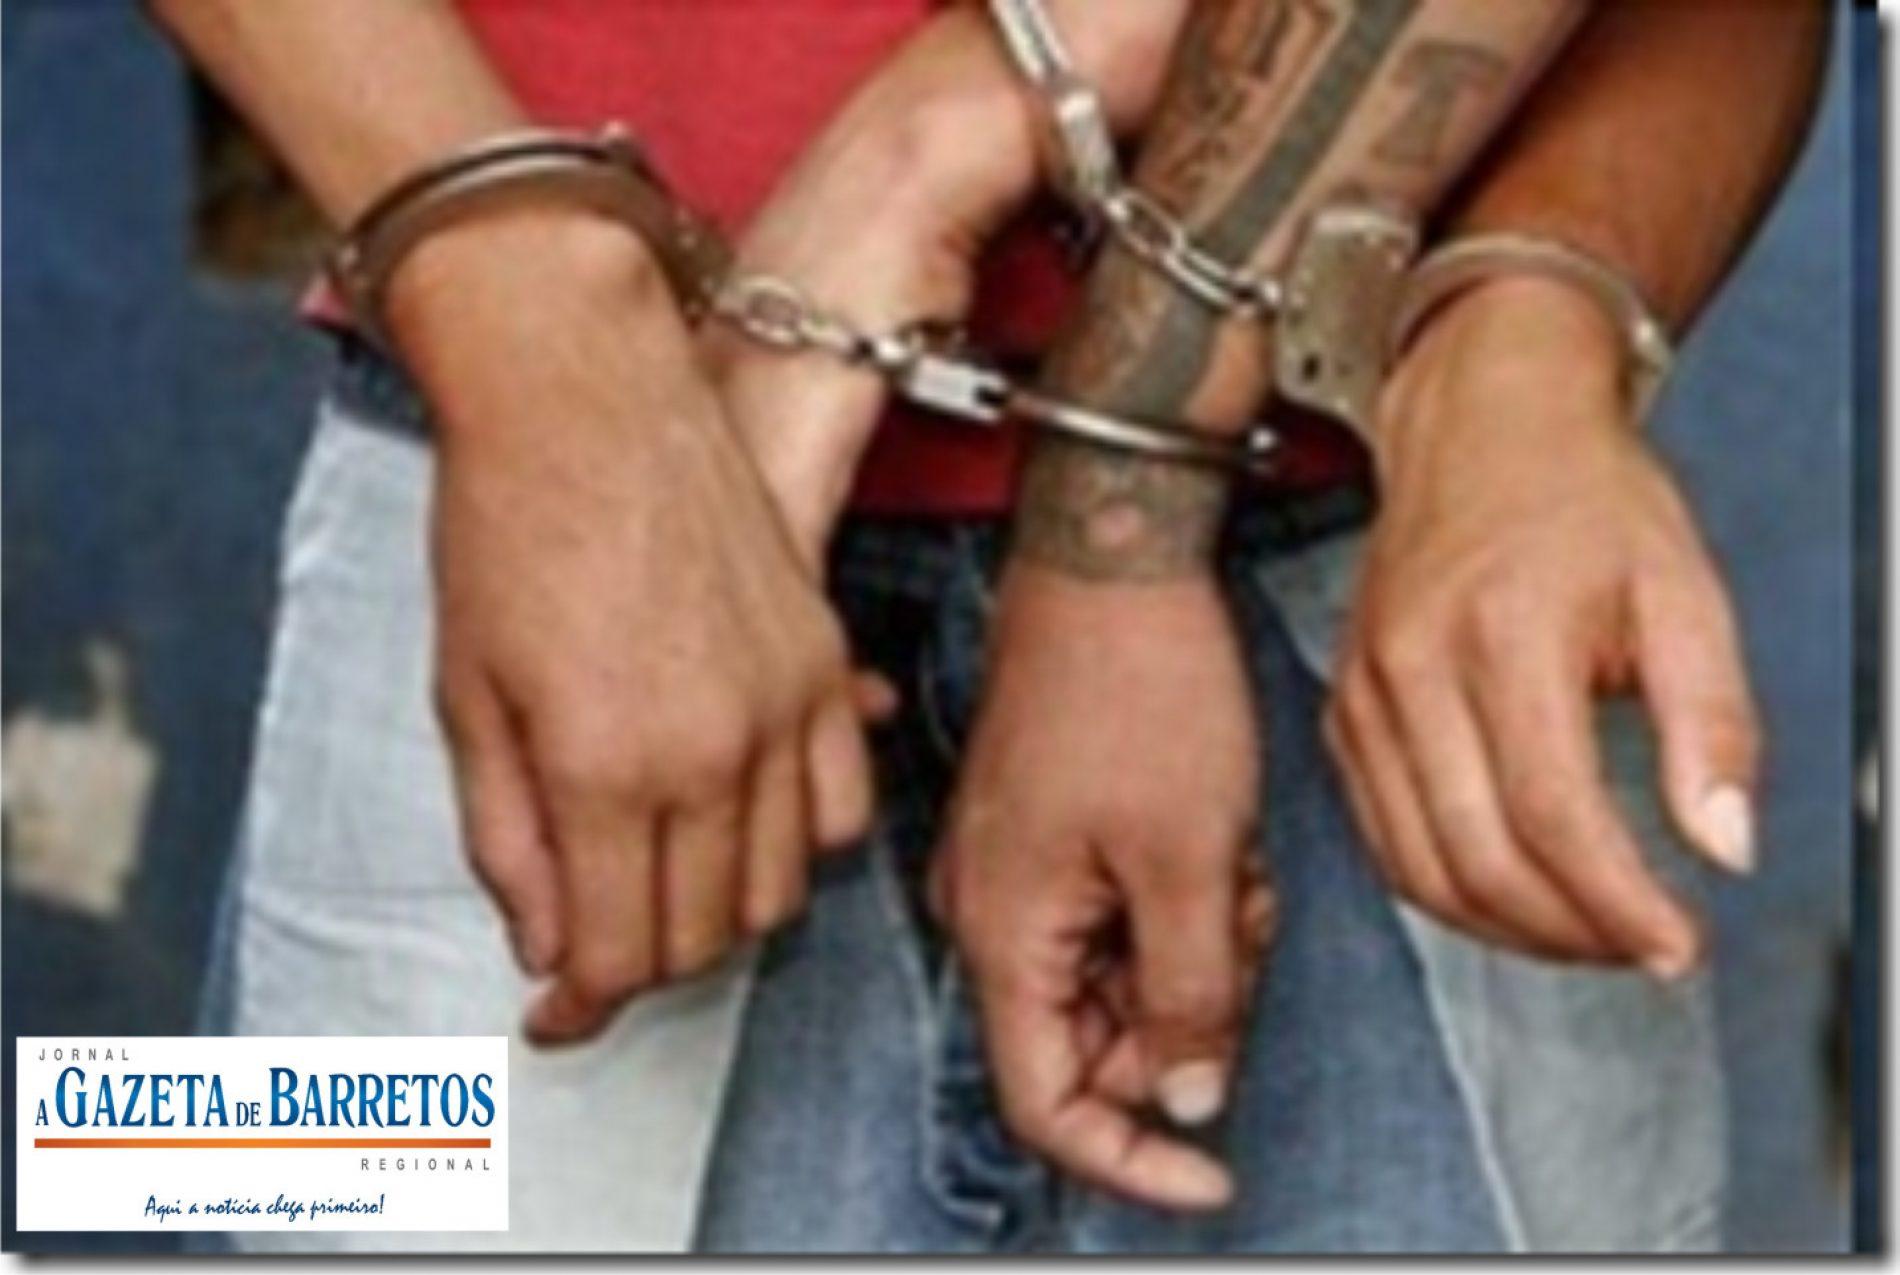 Dois homens acusados de roubos em Barretos e Região são presos pela Policia Militar no bairro Sumaré